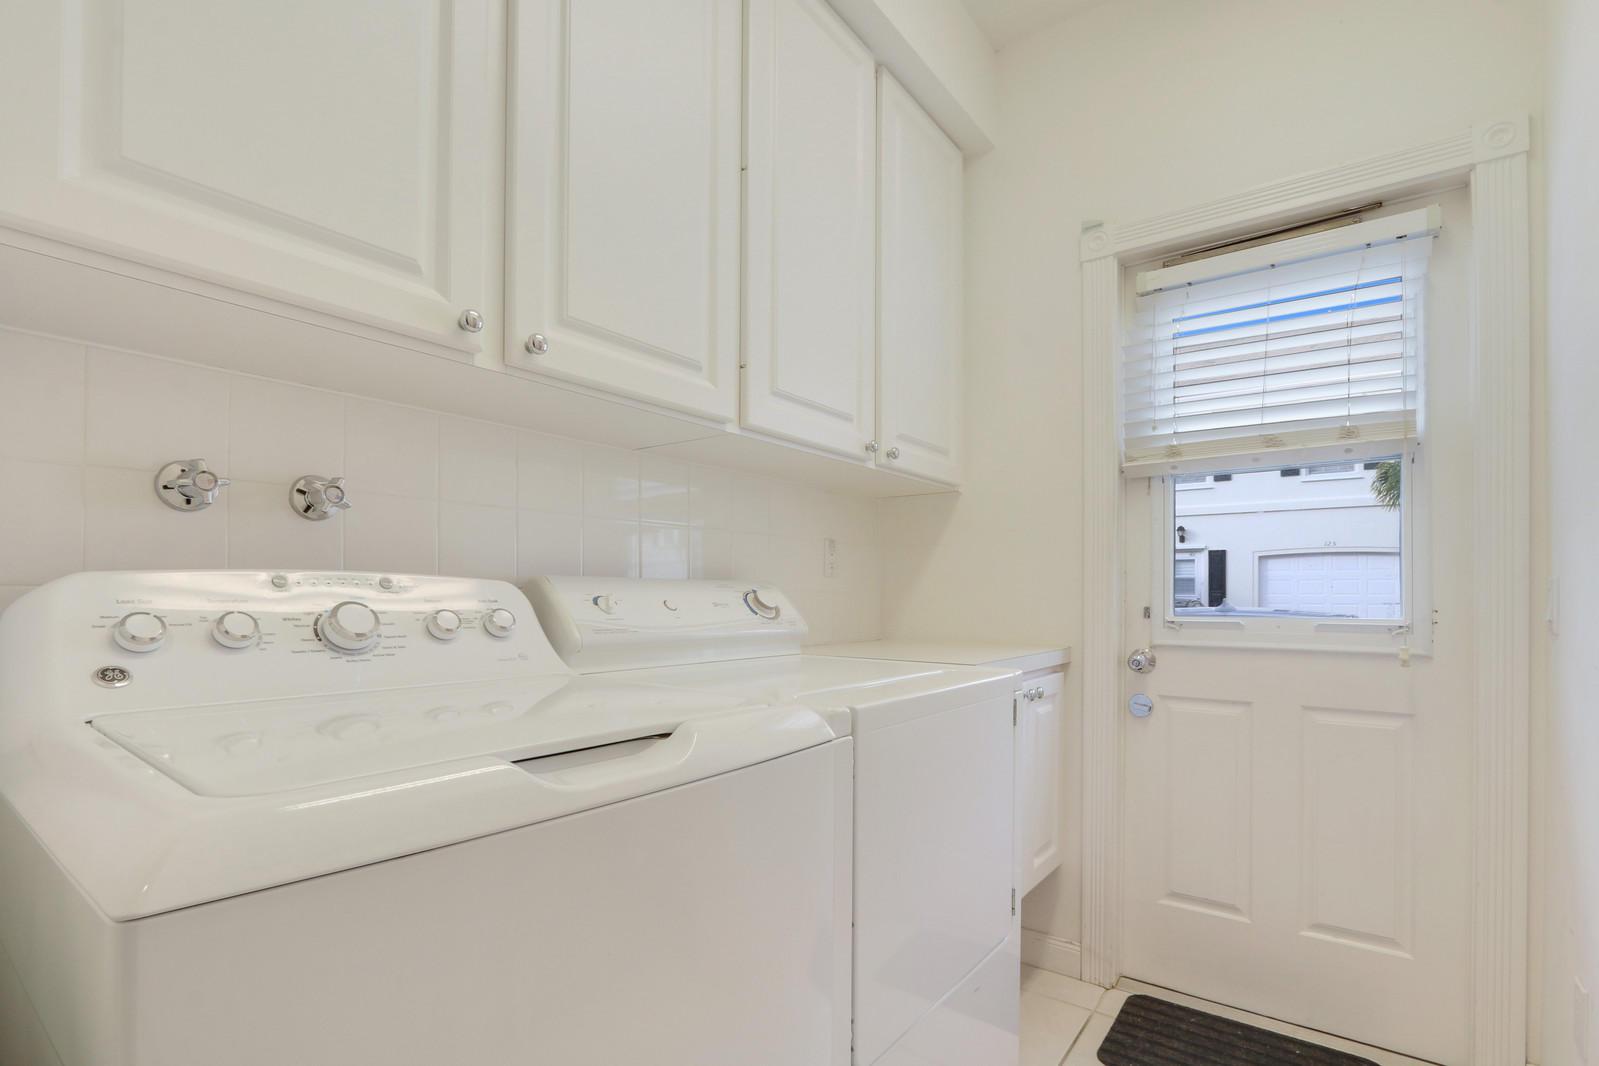 126 Radcliffe Court, Jupiter, Florida 33458, 3 Bedrooms Bedrooms, ,2.1 BathroomsBathrooms,A,Townhouse,Radcliffe,RX-10498907